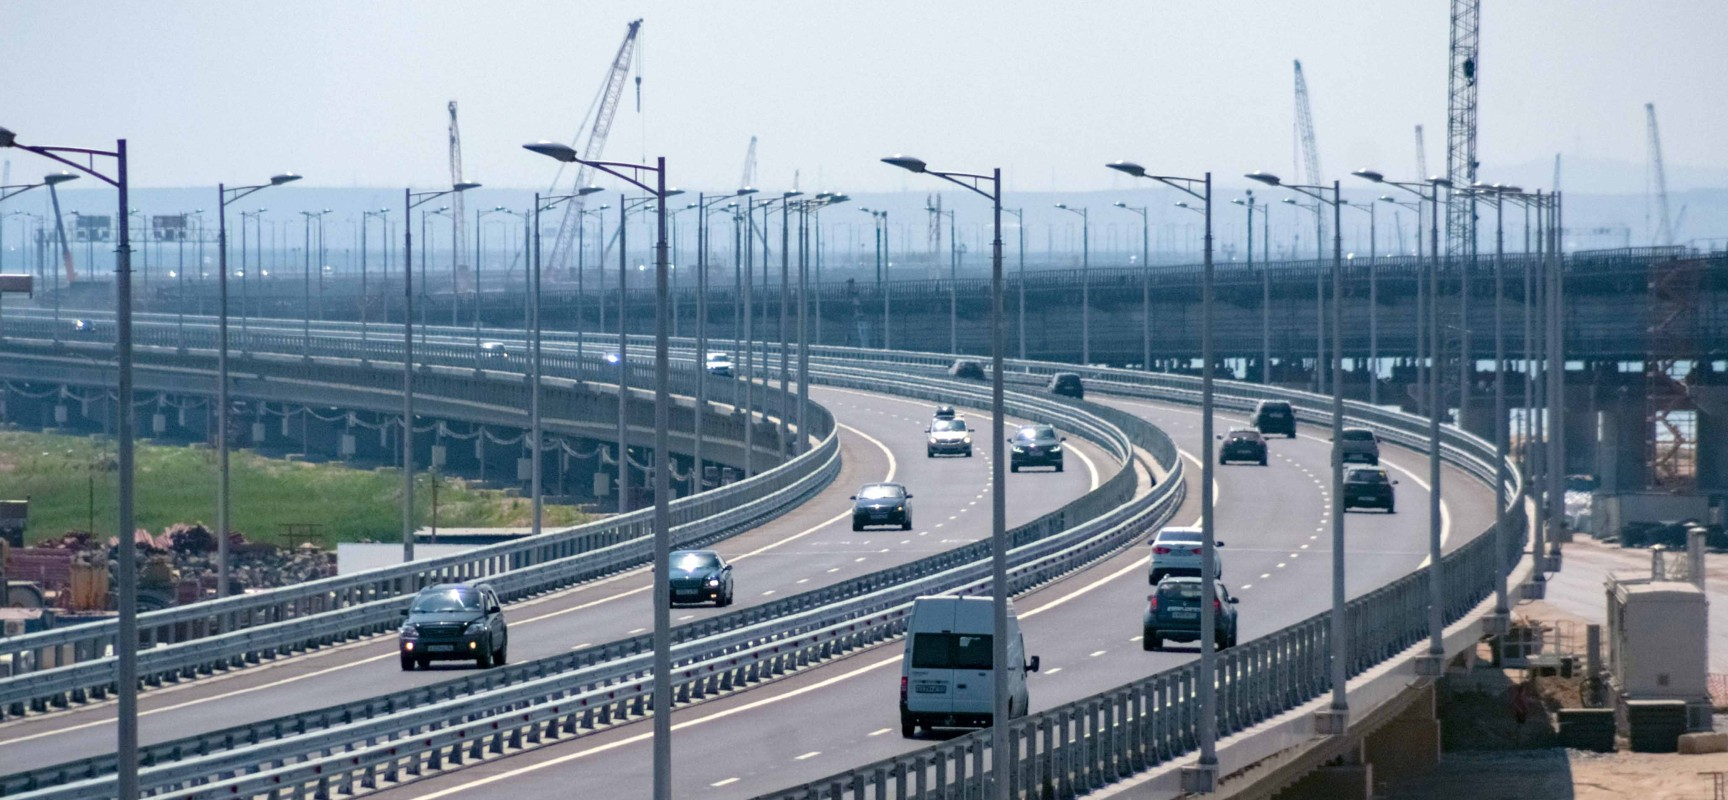 С 1 сентября изменится схема движения на подходе к мосту со стороны Керчи